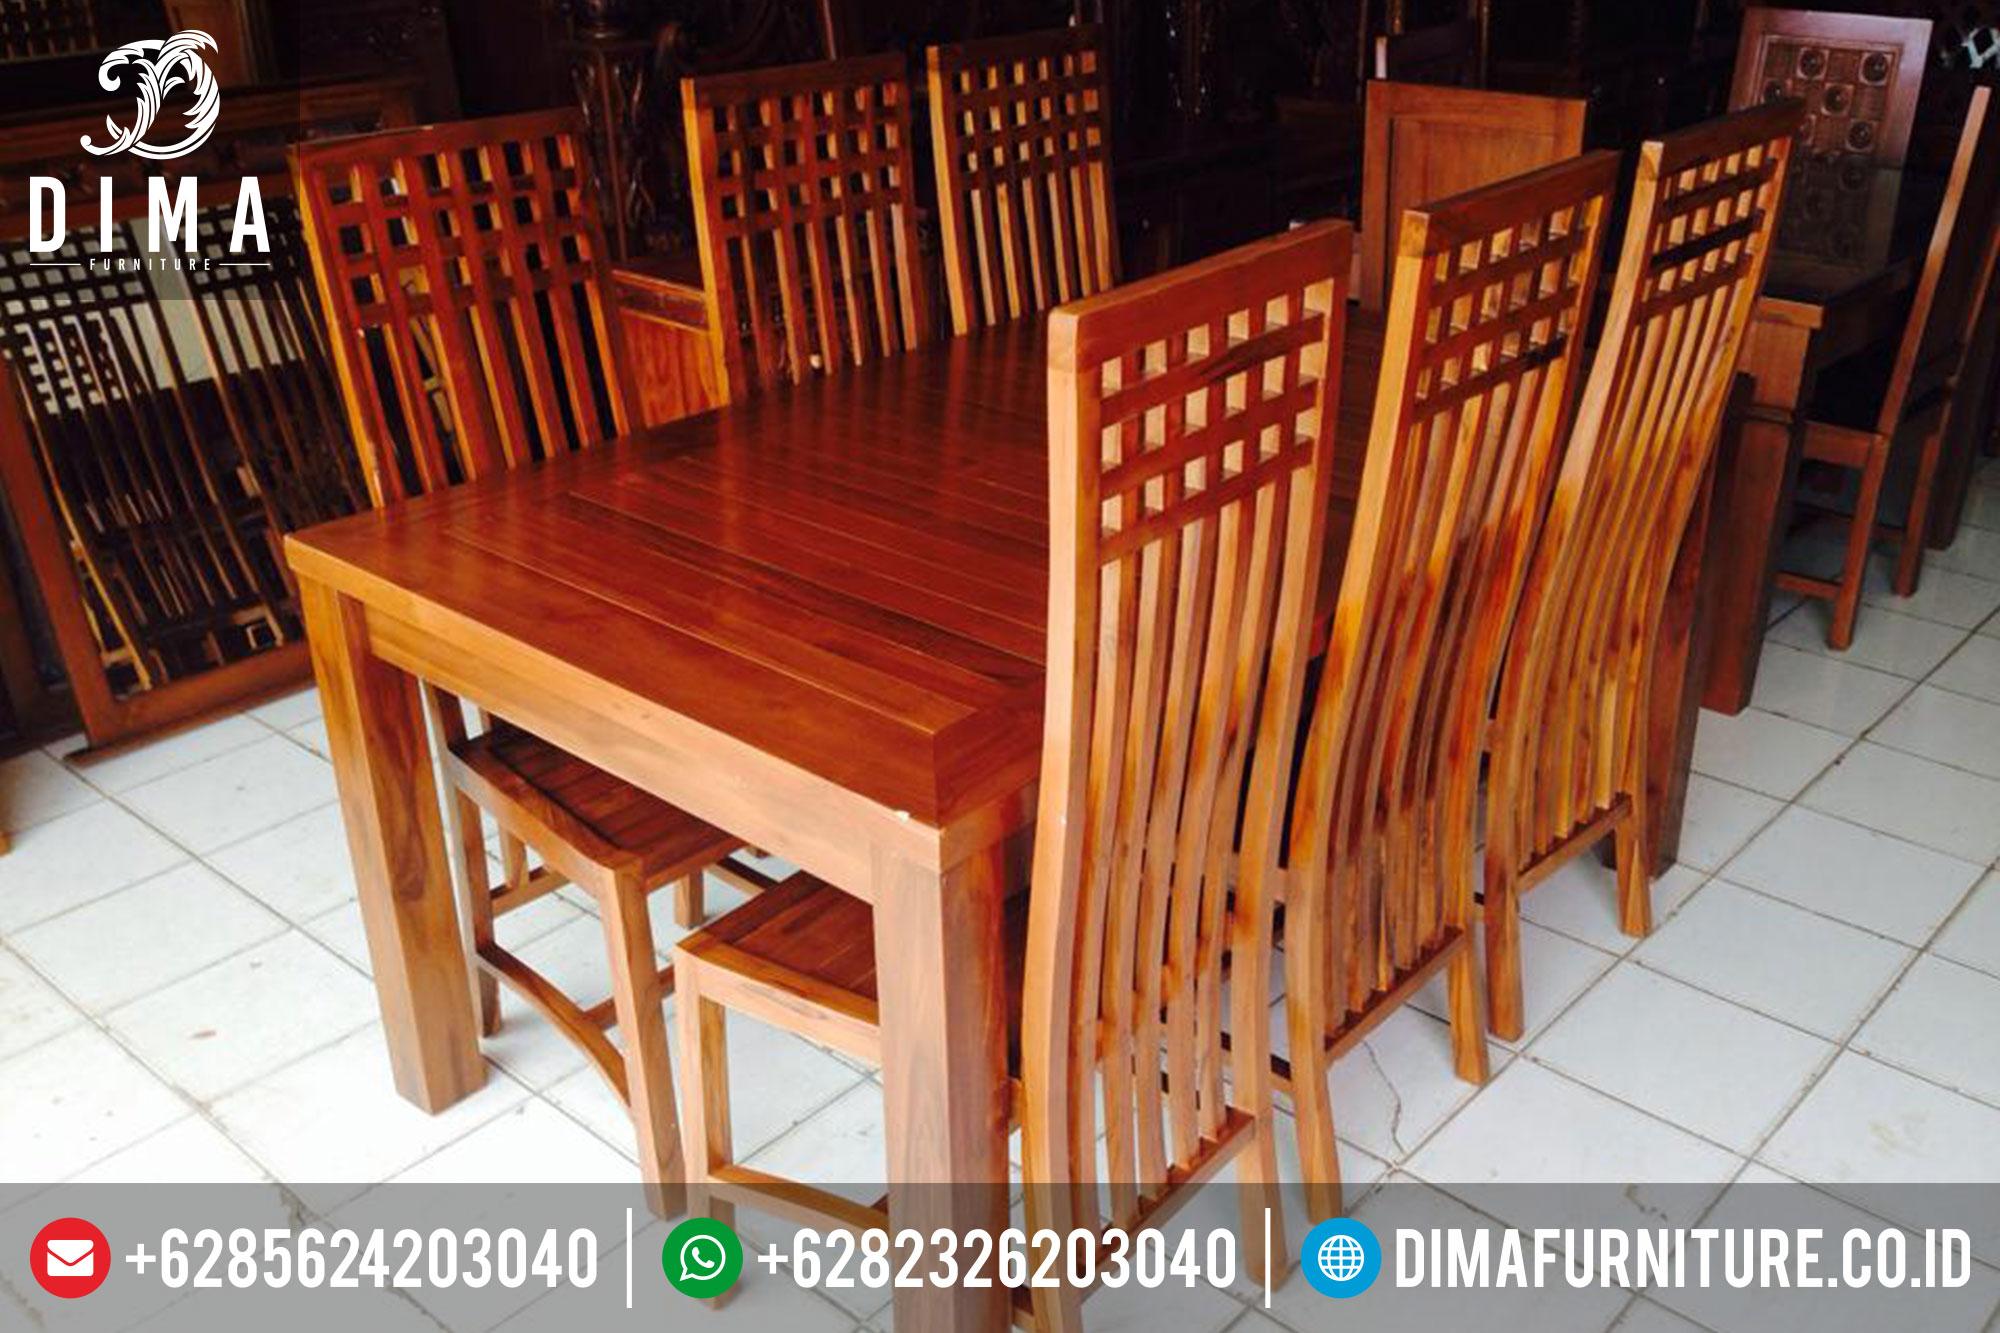 Meja Makan Jati Jepara, Meja Makan Minimalis, Kursi Makan Terbaru DF-0322